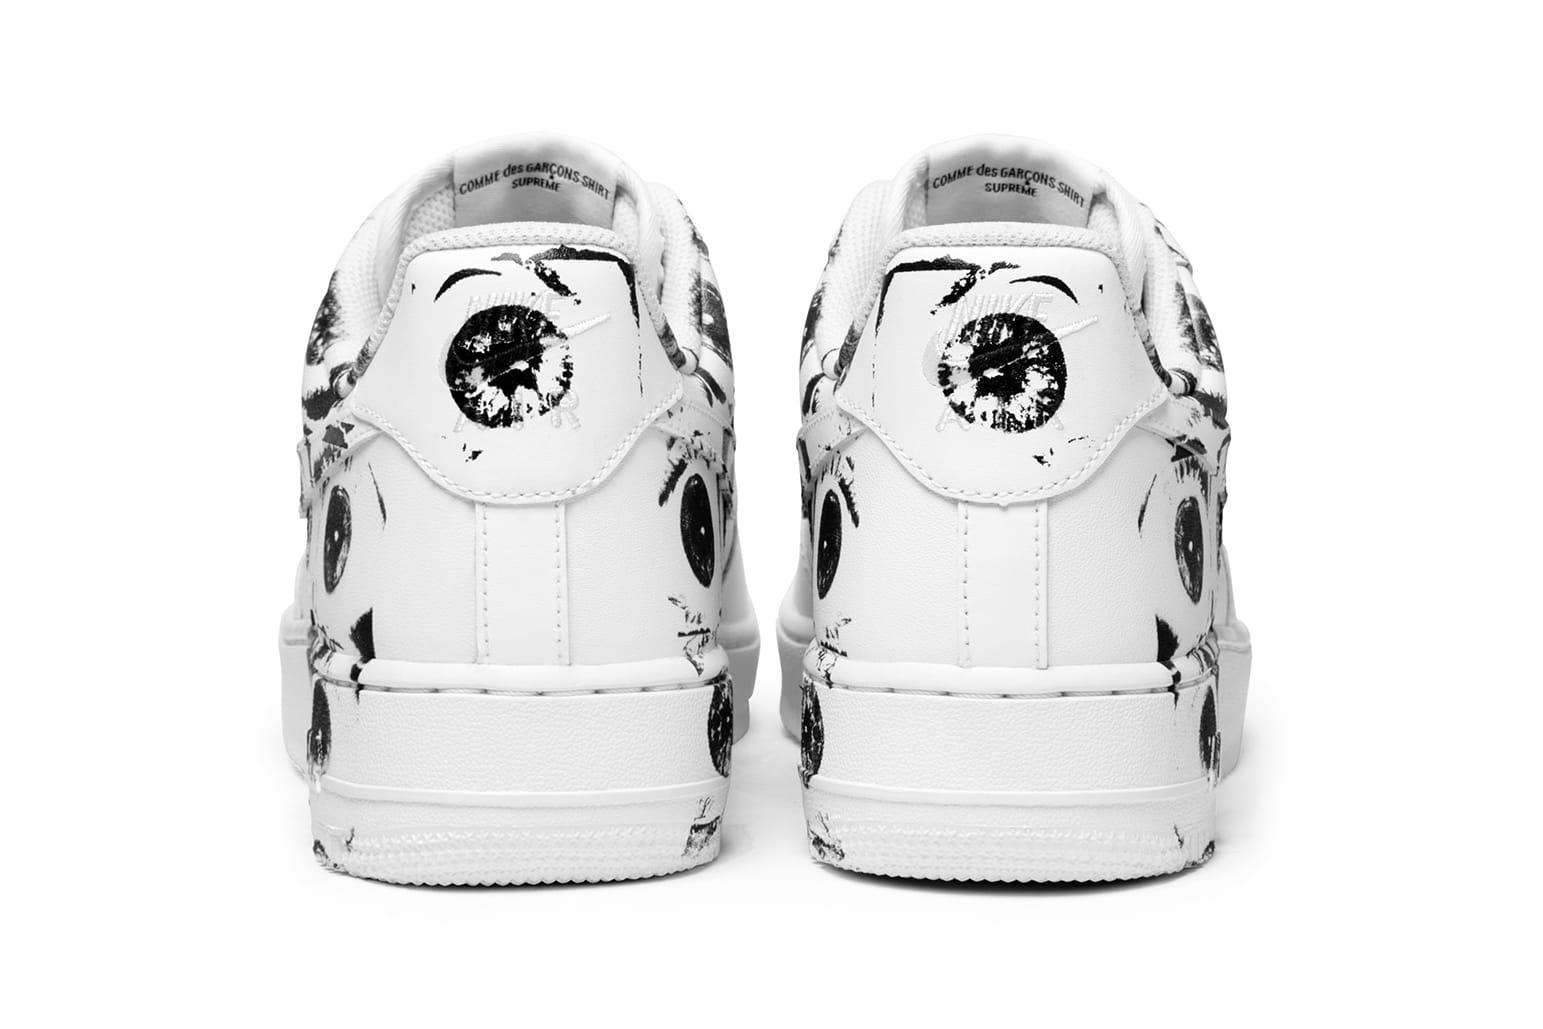 Supreme x COMME des GARÇONS x Nike Air